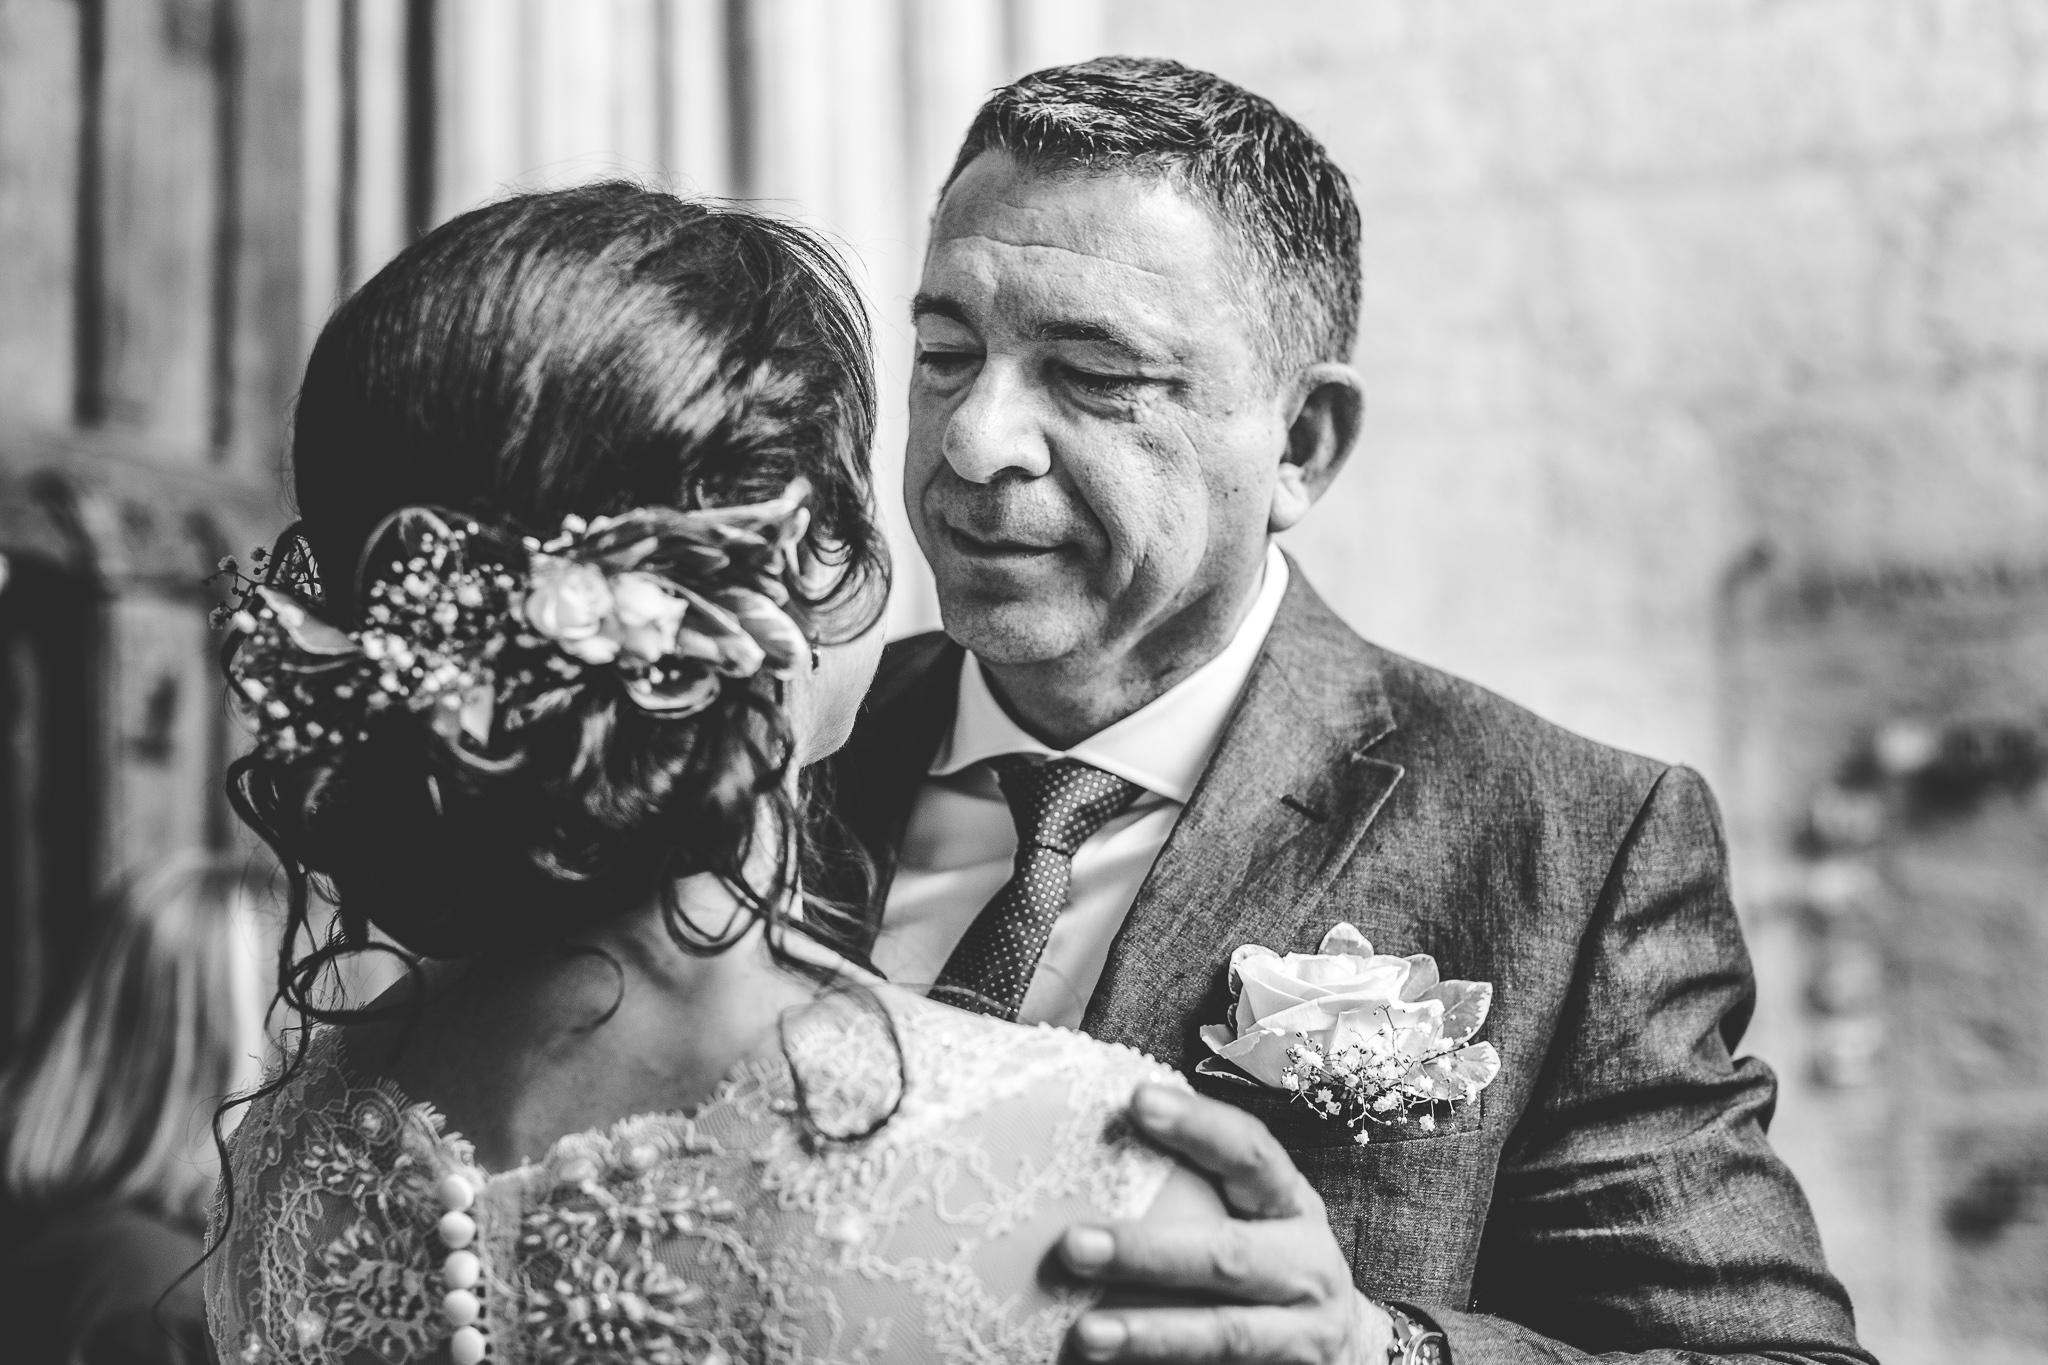 reportage mariage photo emotions instantane enfant grand parents calins bisous moment intime sortie eglise catholique pere et fille toulouse